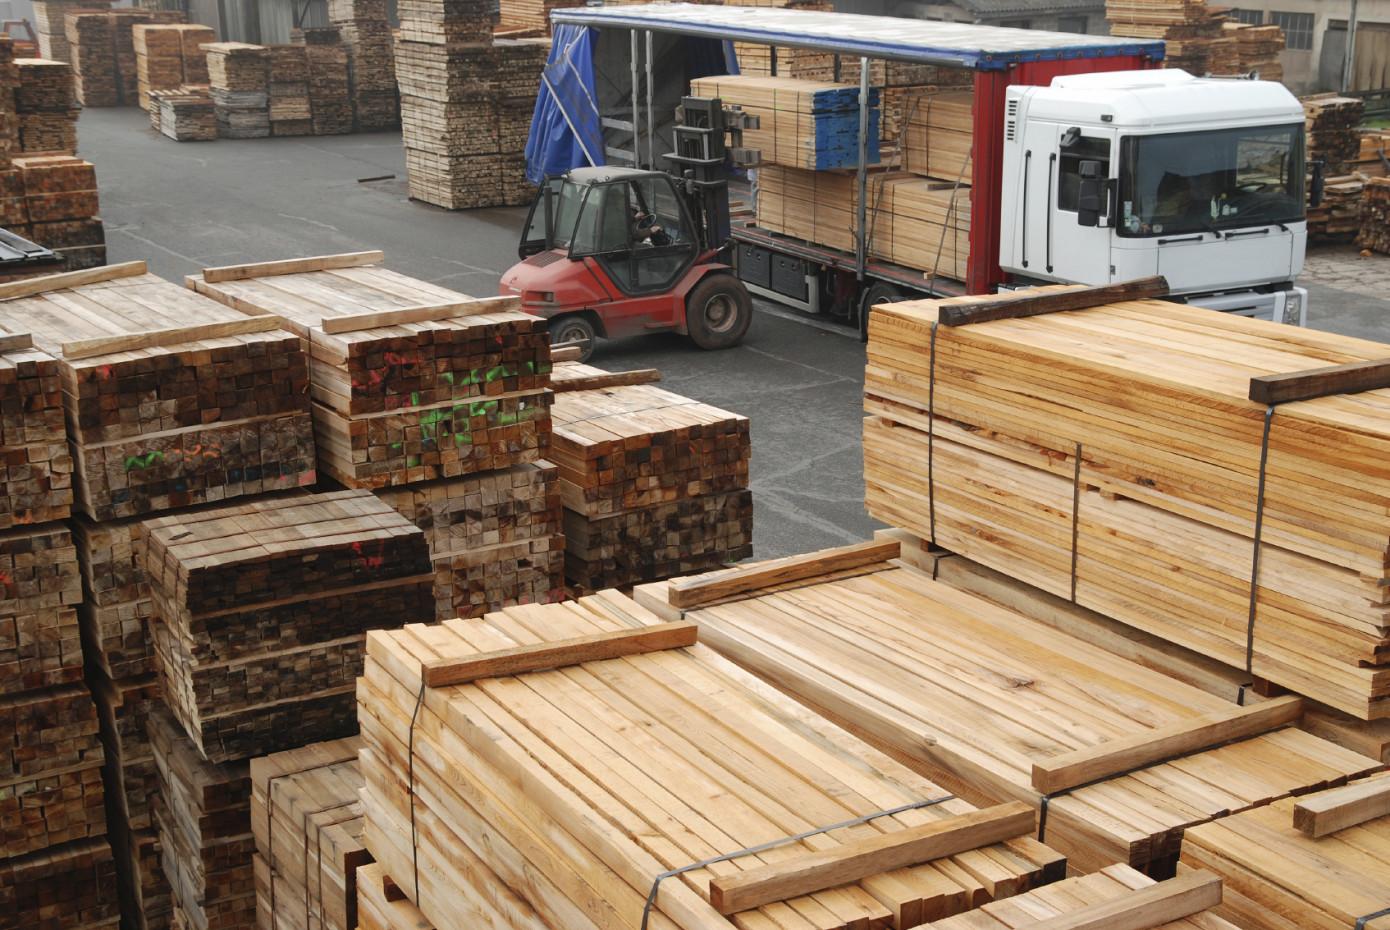 В 2019 г. Вьетнам увеличил экспорт лесопромышленной продукции на 20%